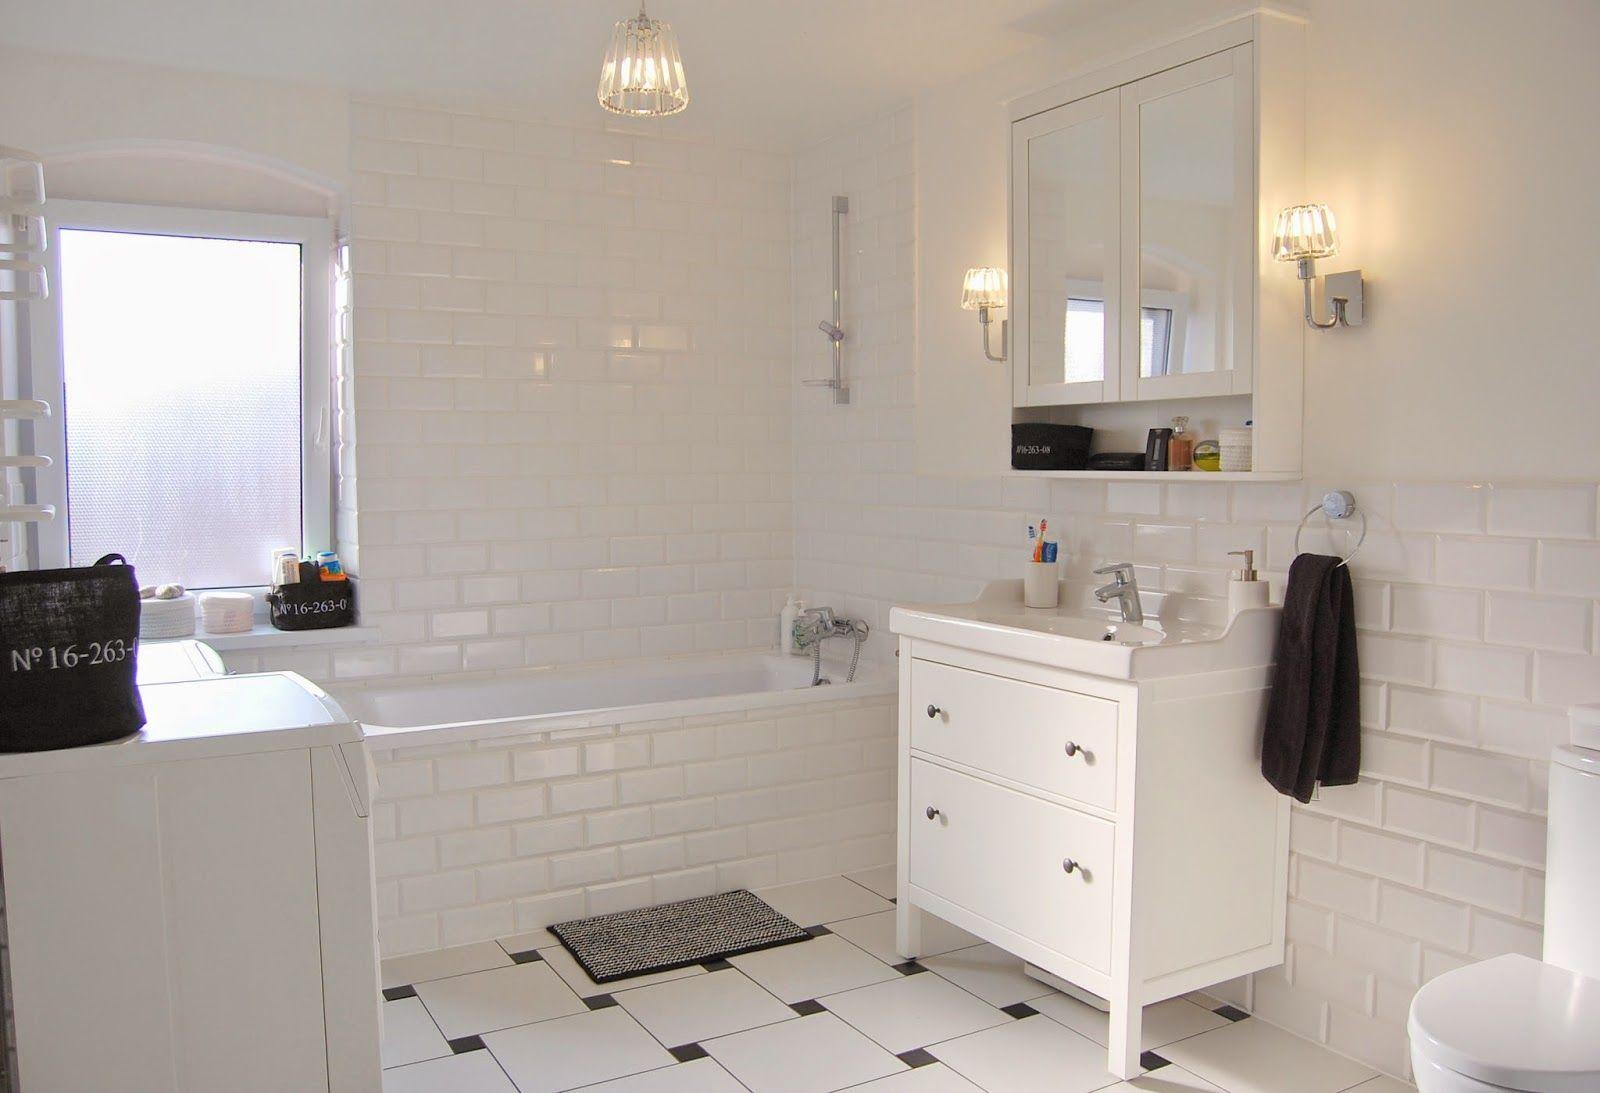 Badezimmer ideen keine badewanne pin von steff auf haus  pinterest  haus